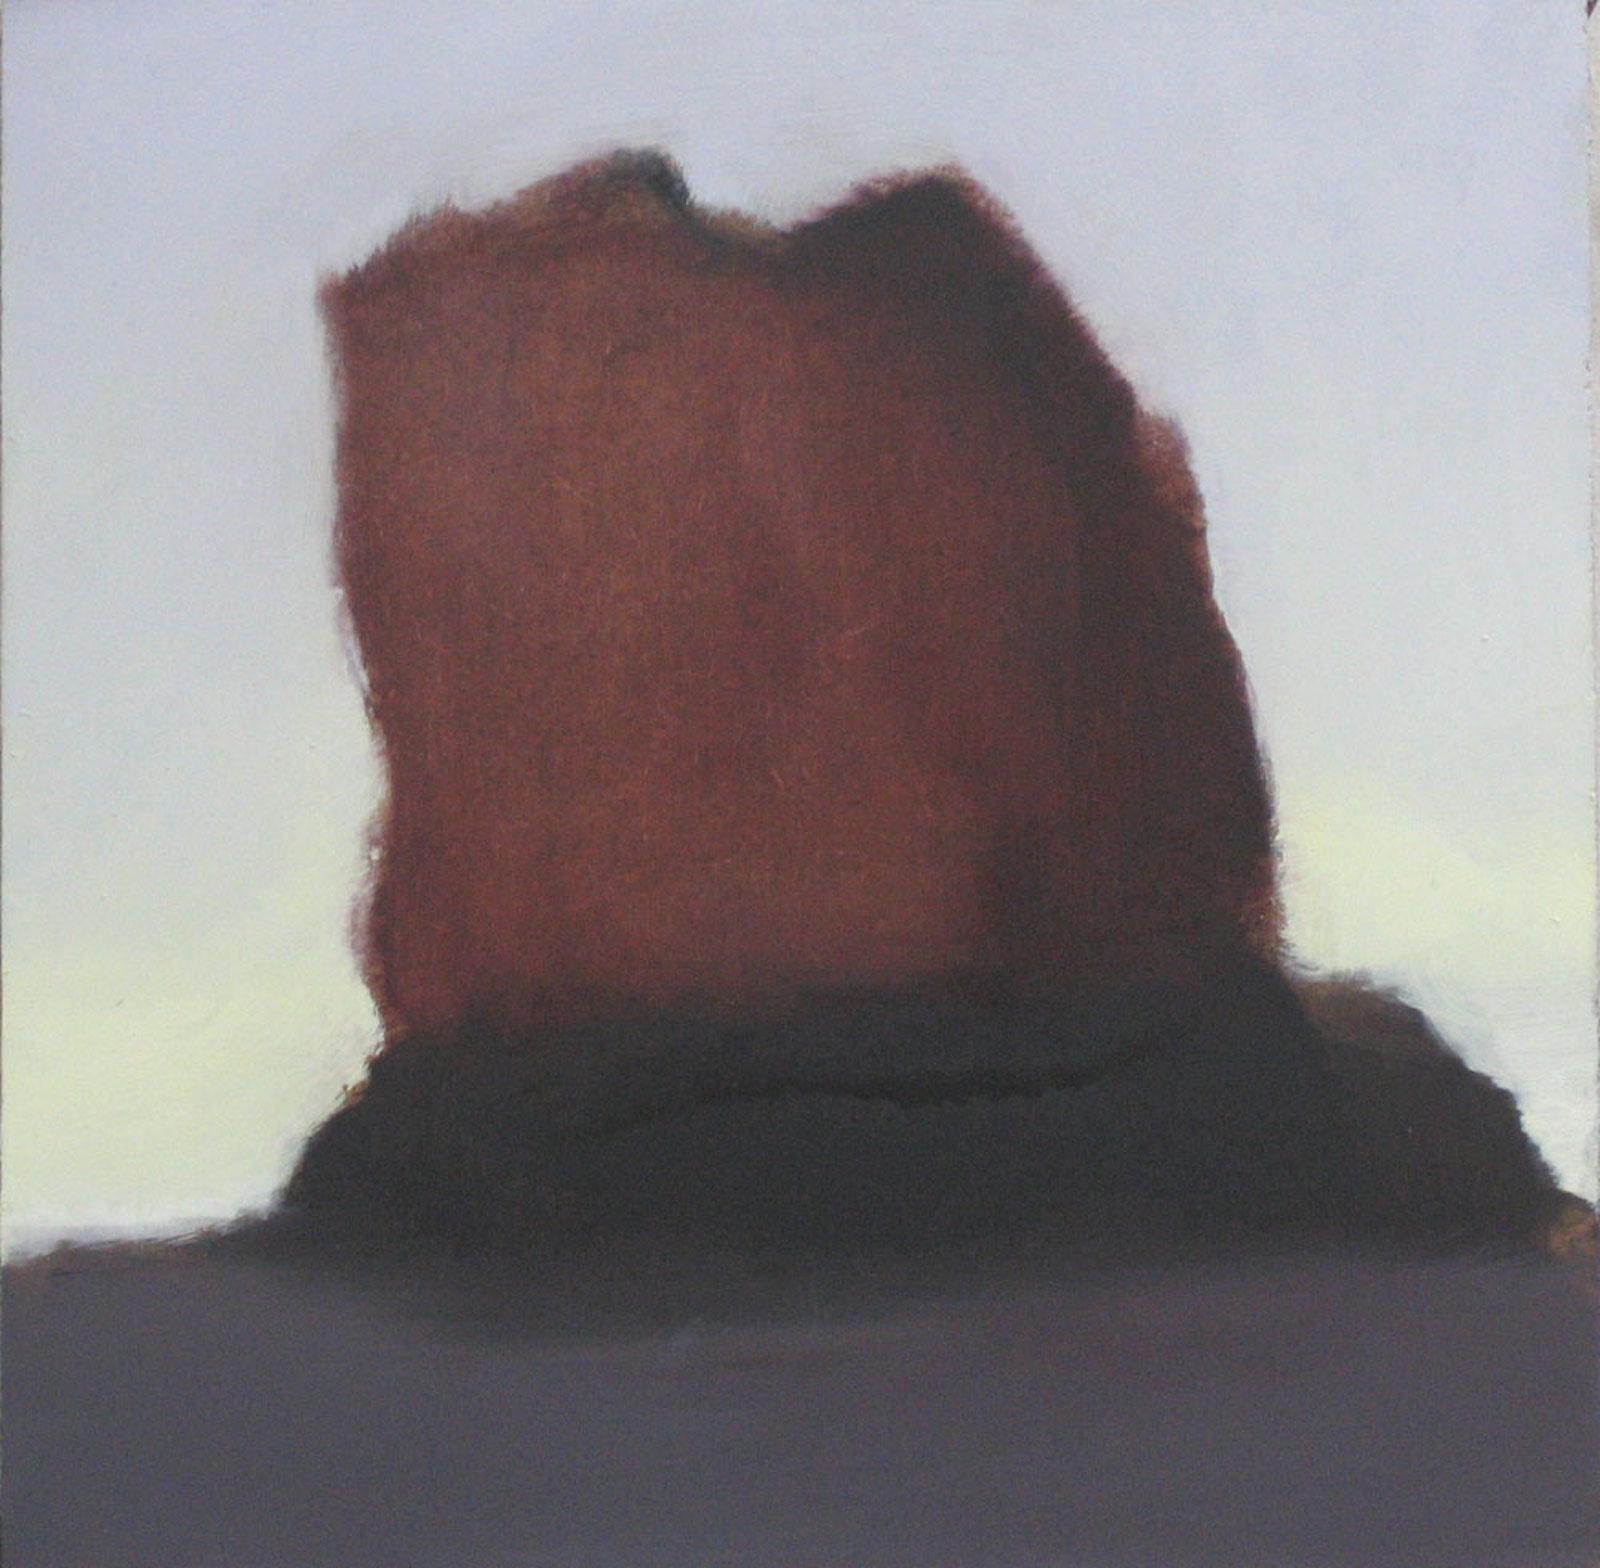 Pysähdys 1, öljy levylle, 25 x 25cm, 2006